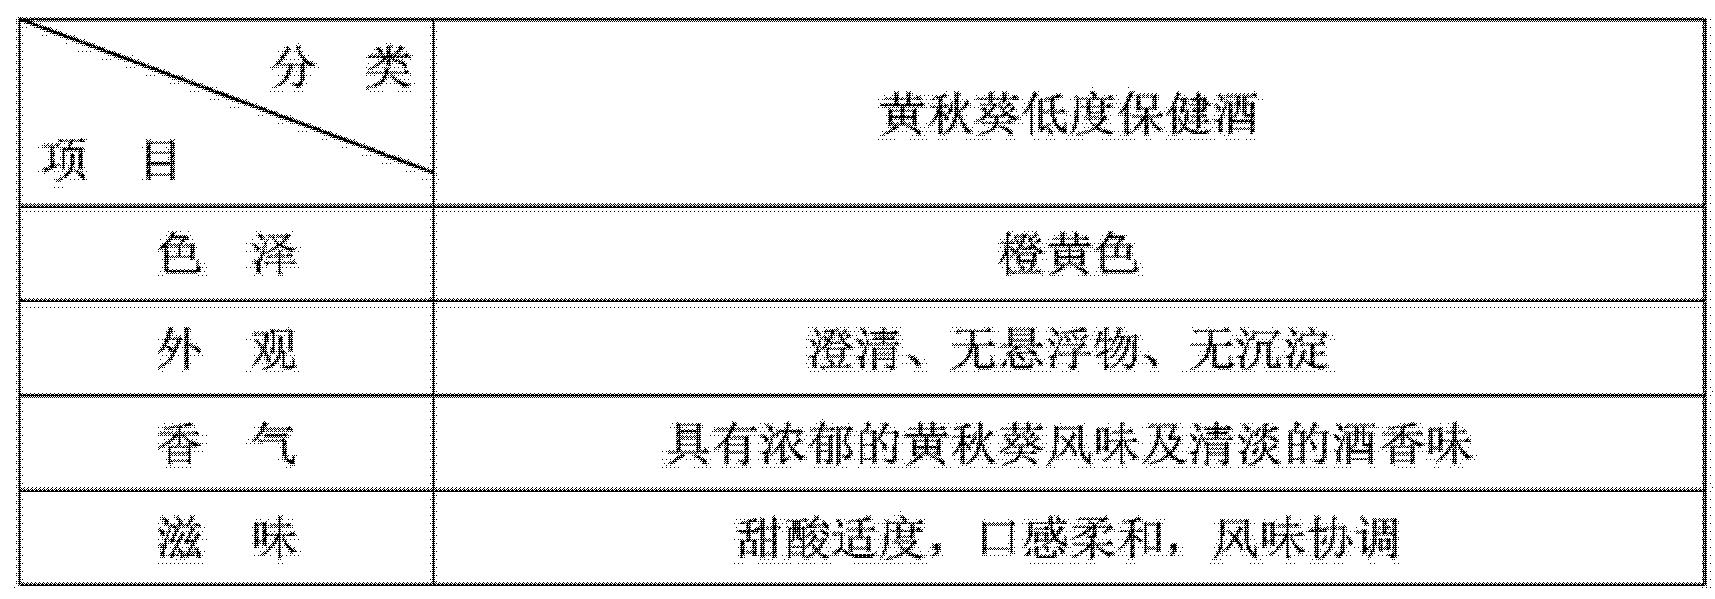 Figure CN103045429BD00081